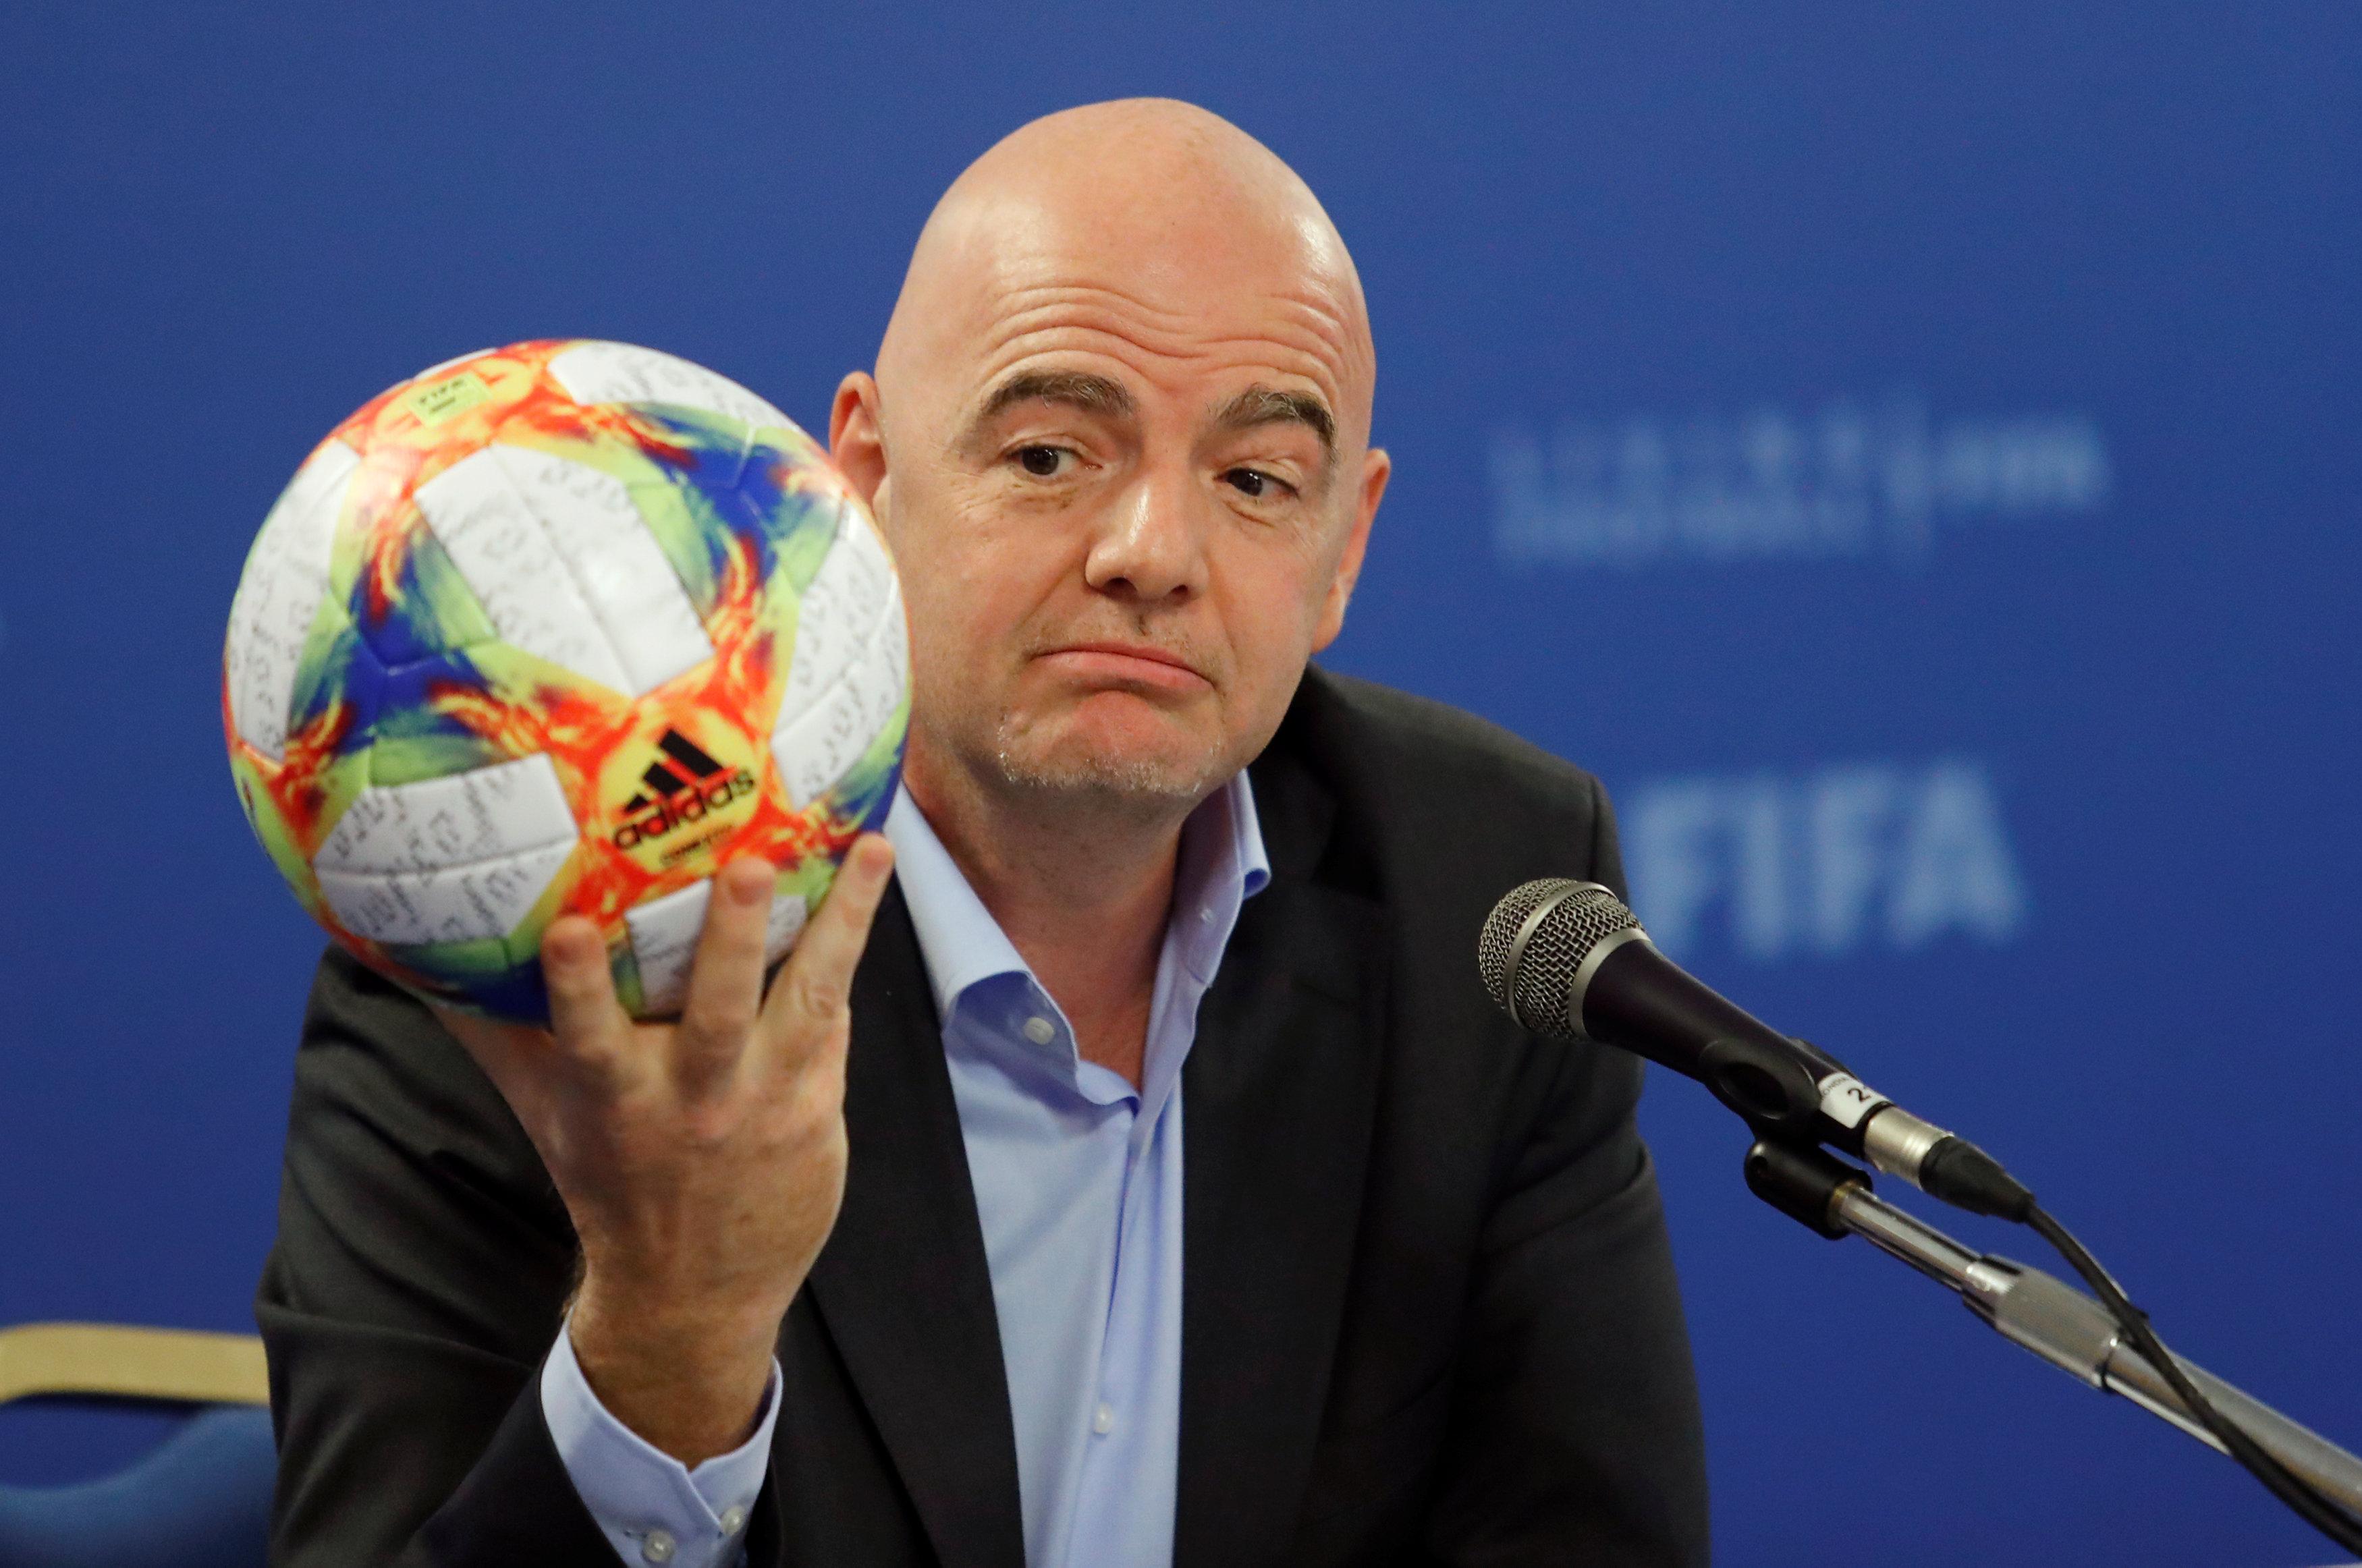 Football - Coupe du monde - Mondial 2022 : La Fifa abandonne son idée d'une compétition à 48 équipes